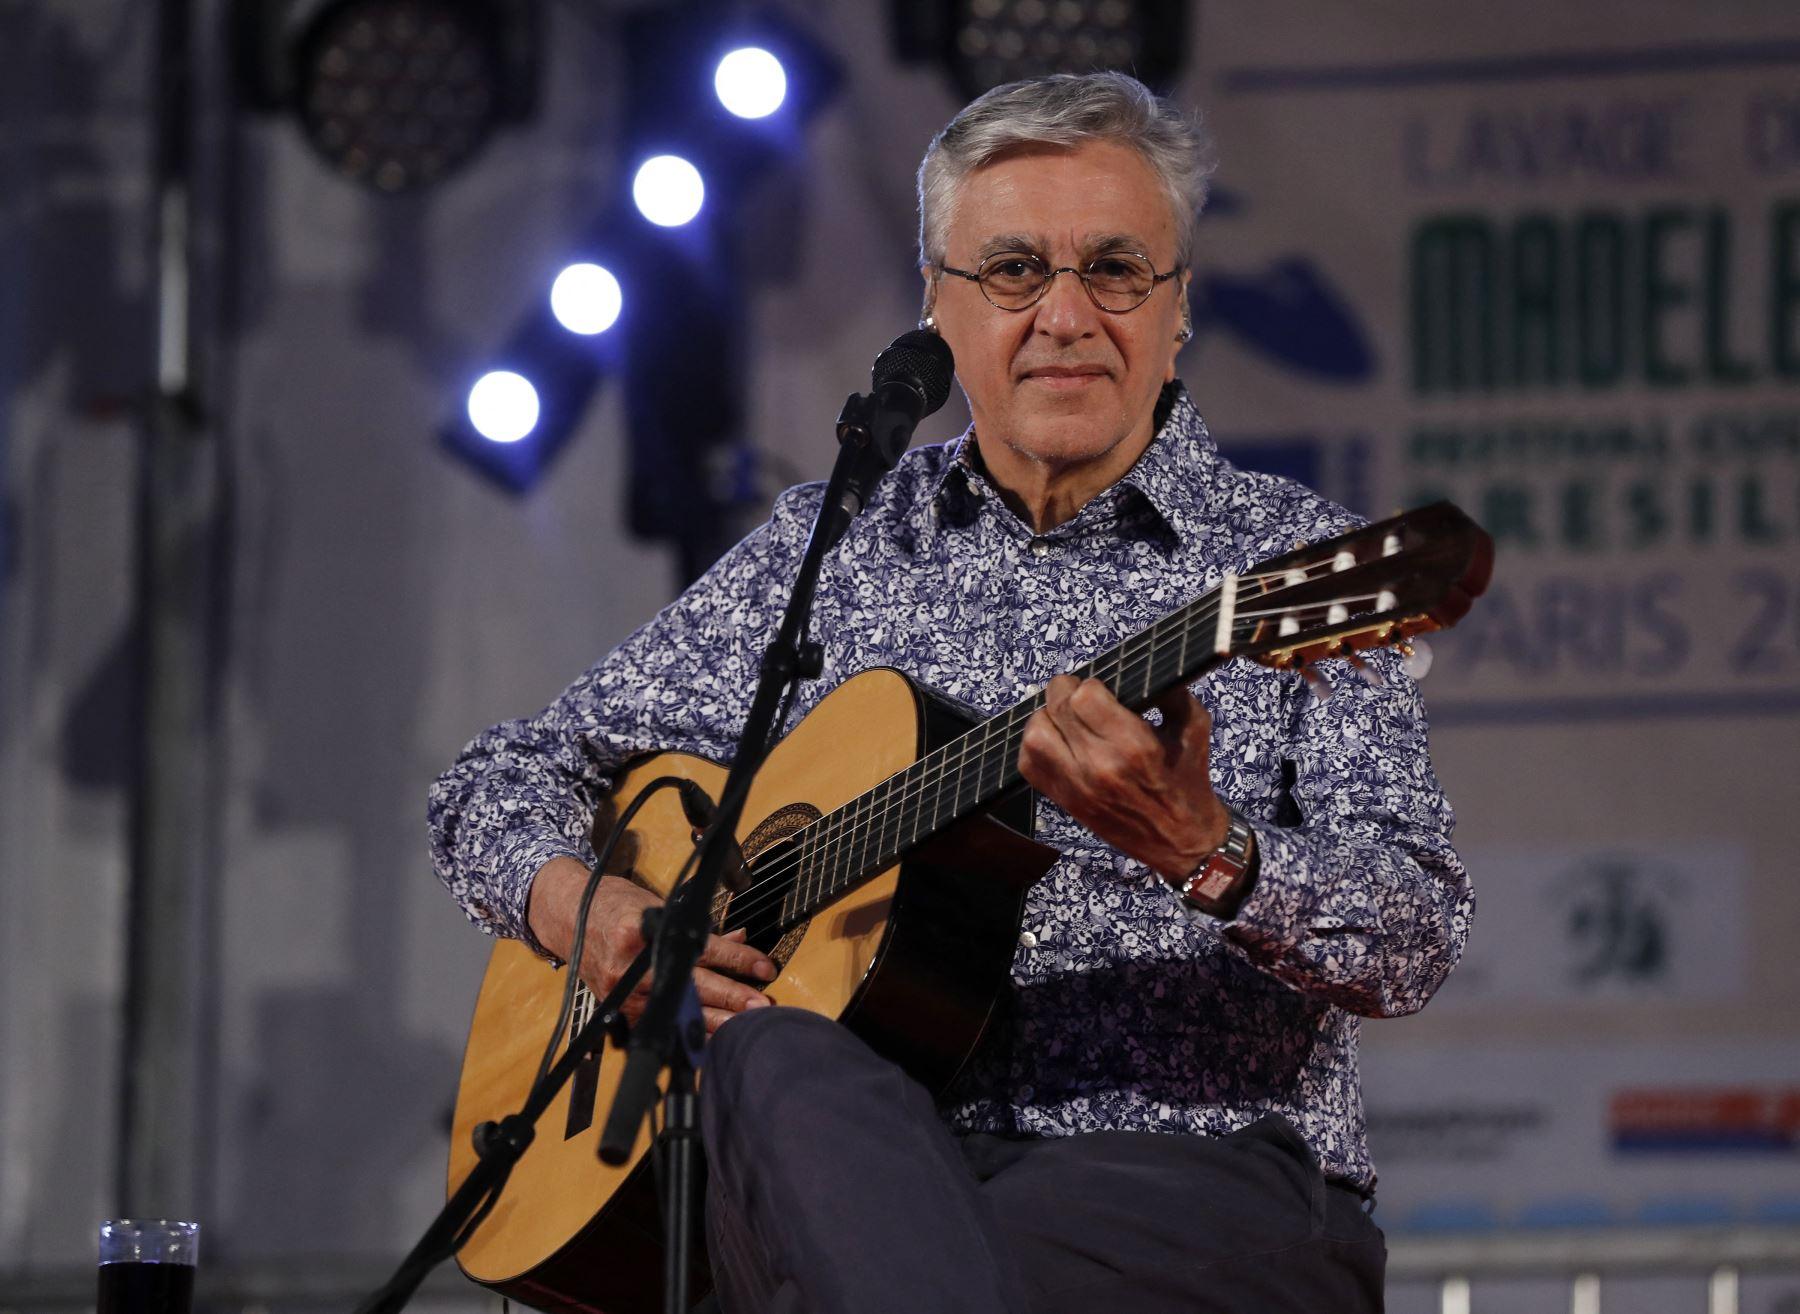 Veloso, de 78 años, recibió en un centro médico de Río de Janeiro la primera dosis de la vacuna desarrollada por la Universidad de Oxford y el laboratorio AstraZeneca. Foto: AFP